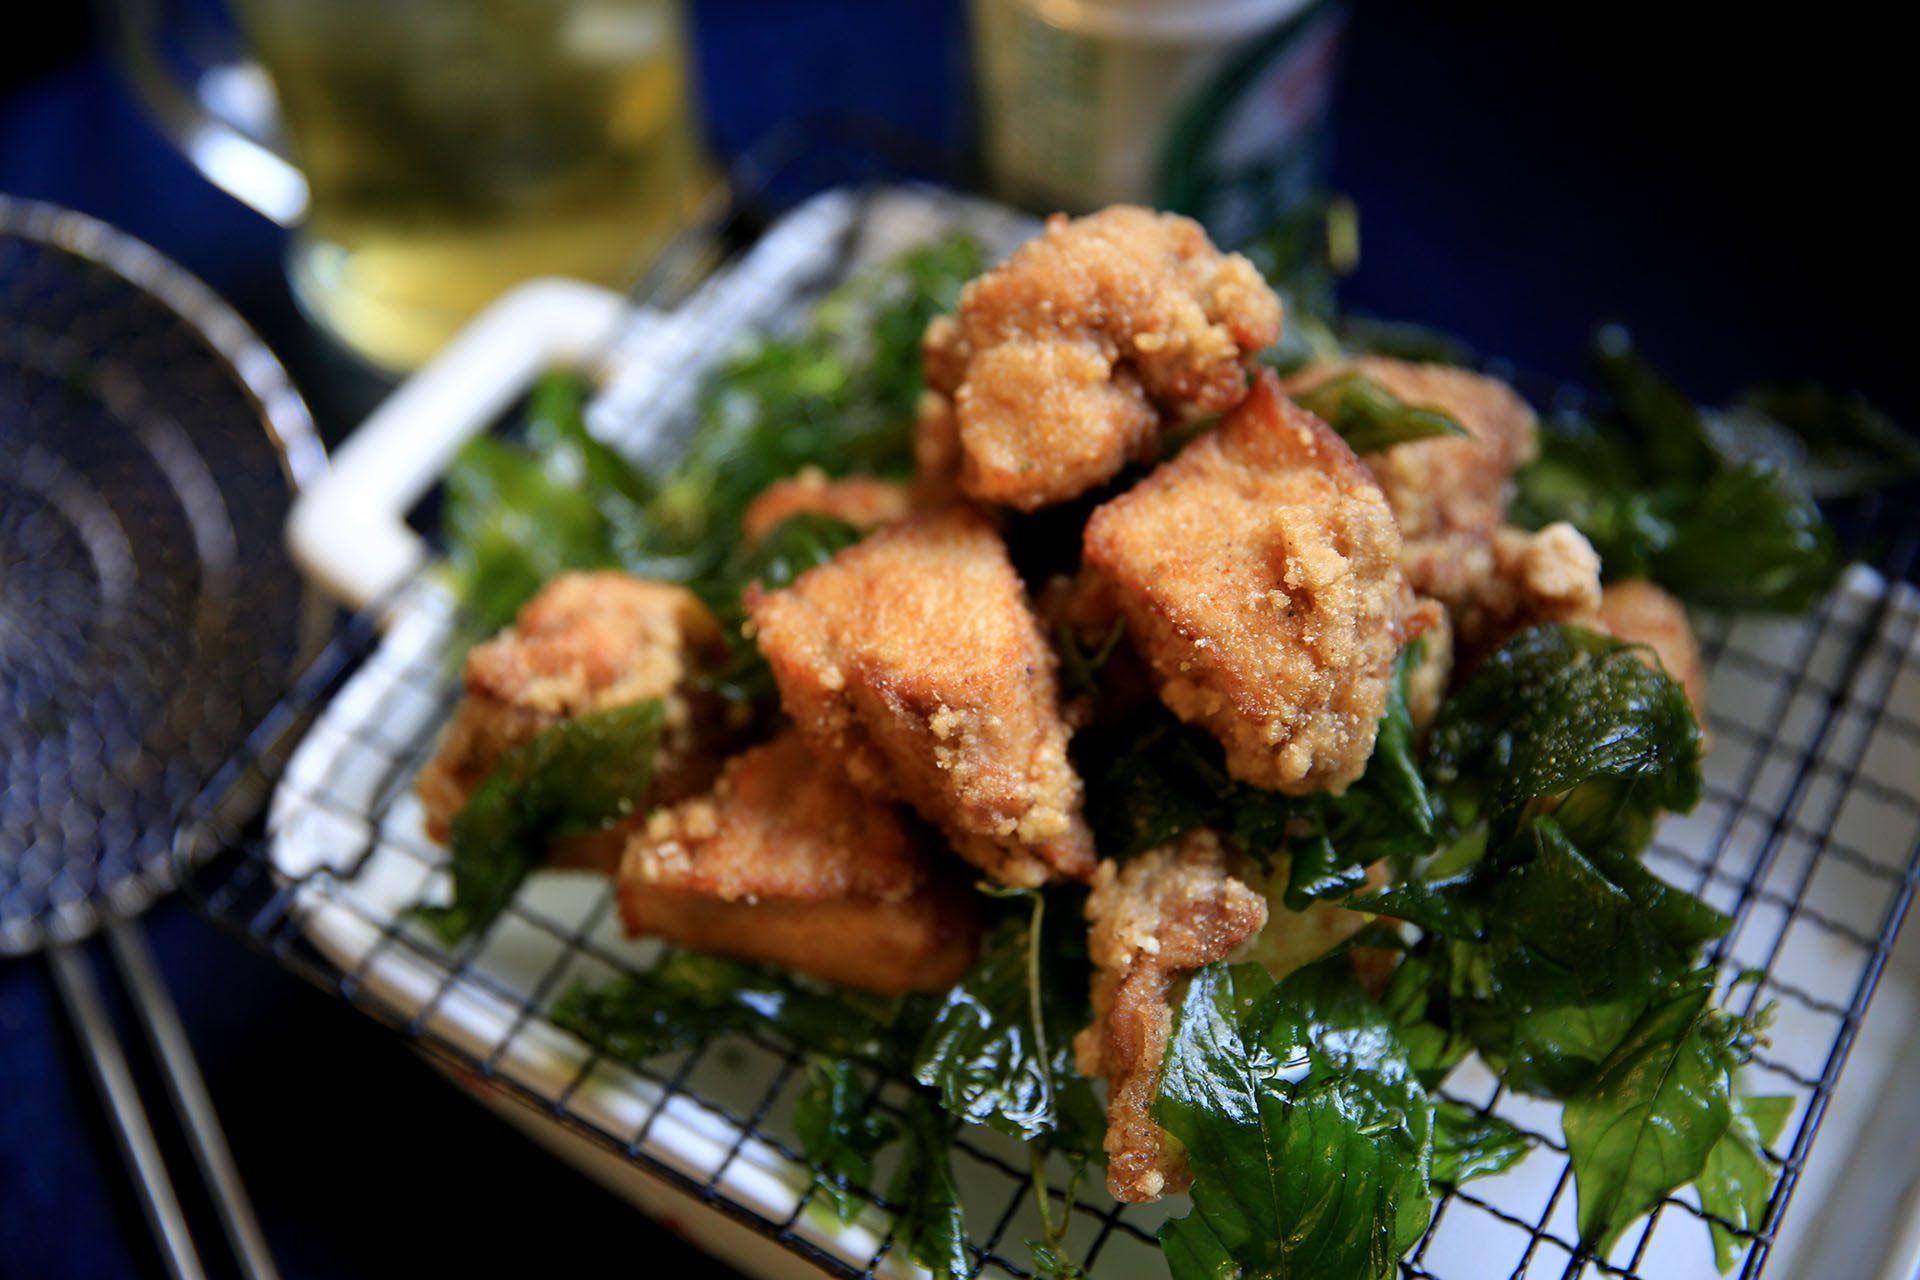 【蘿潔塔的廚房】鹹酥雞 ,重現夜市美味,就是這麼簡單。 | Taiwanese food, Recipes, Chinese cooking